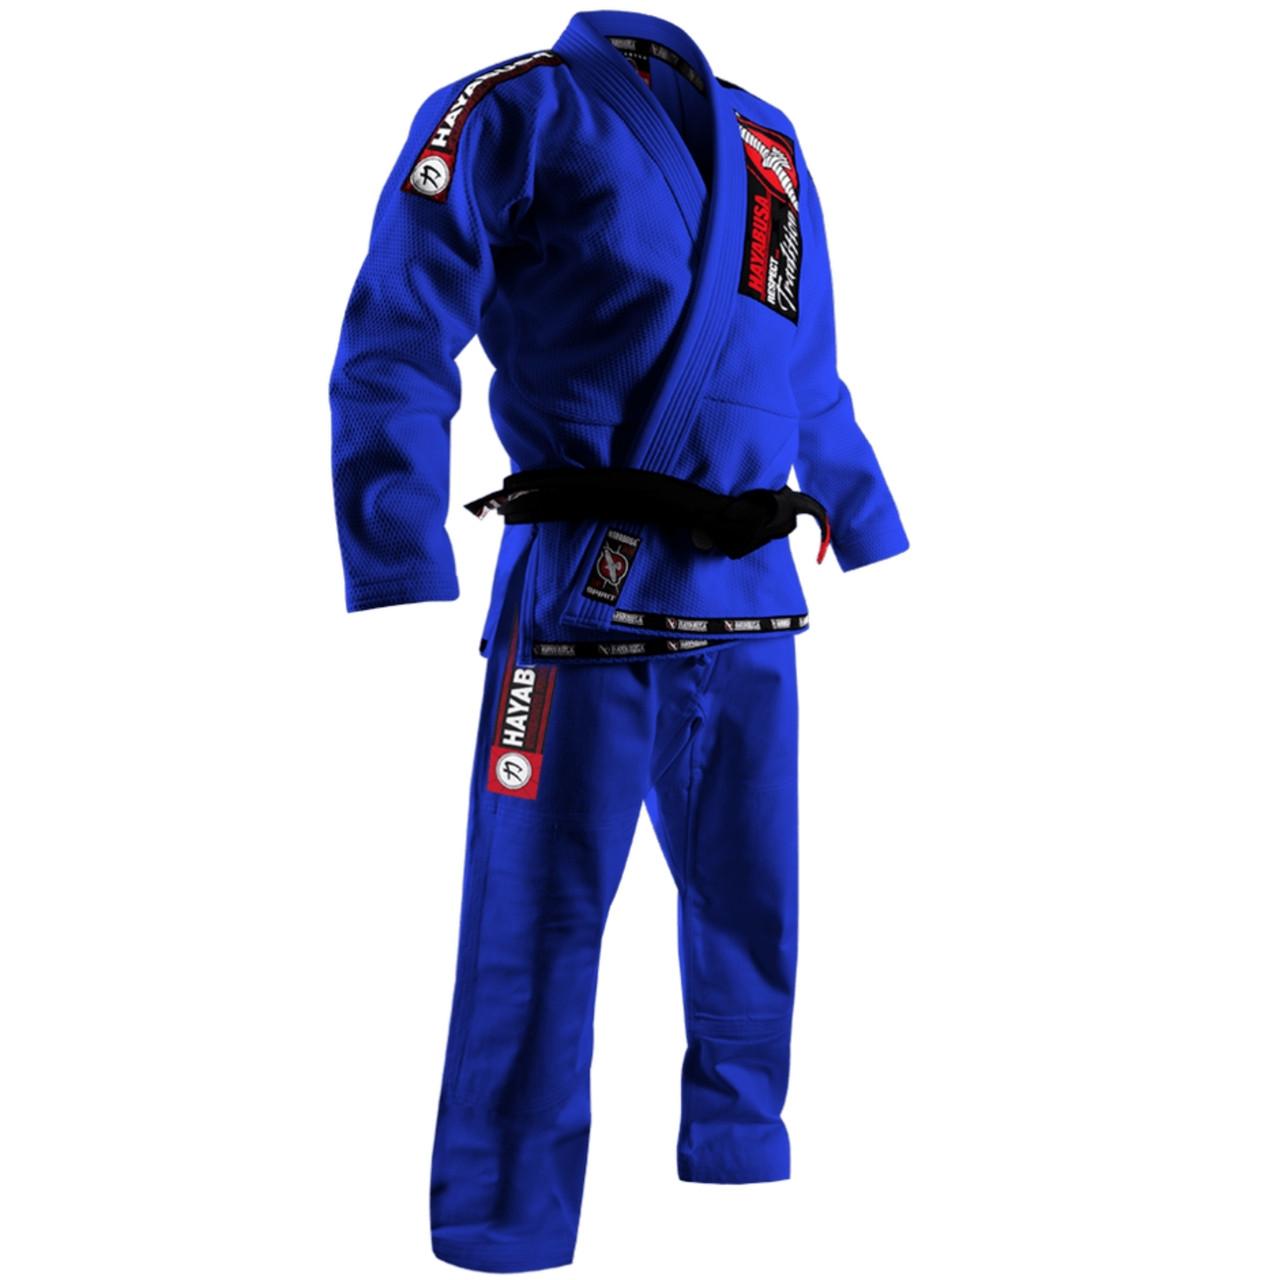 Hayabusa Goorudo Gold Weave Jiu Jitsu Gi Blue @ The Jiu Jitsu Shop